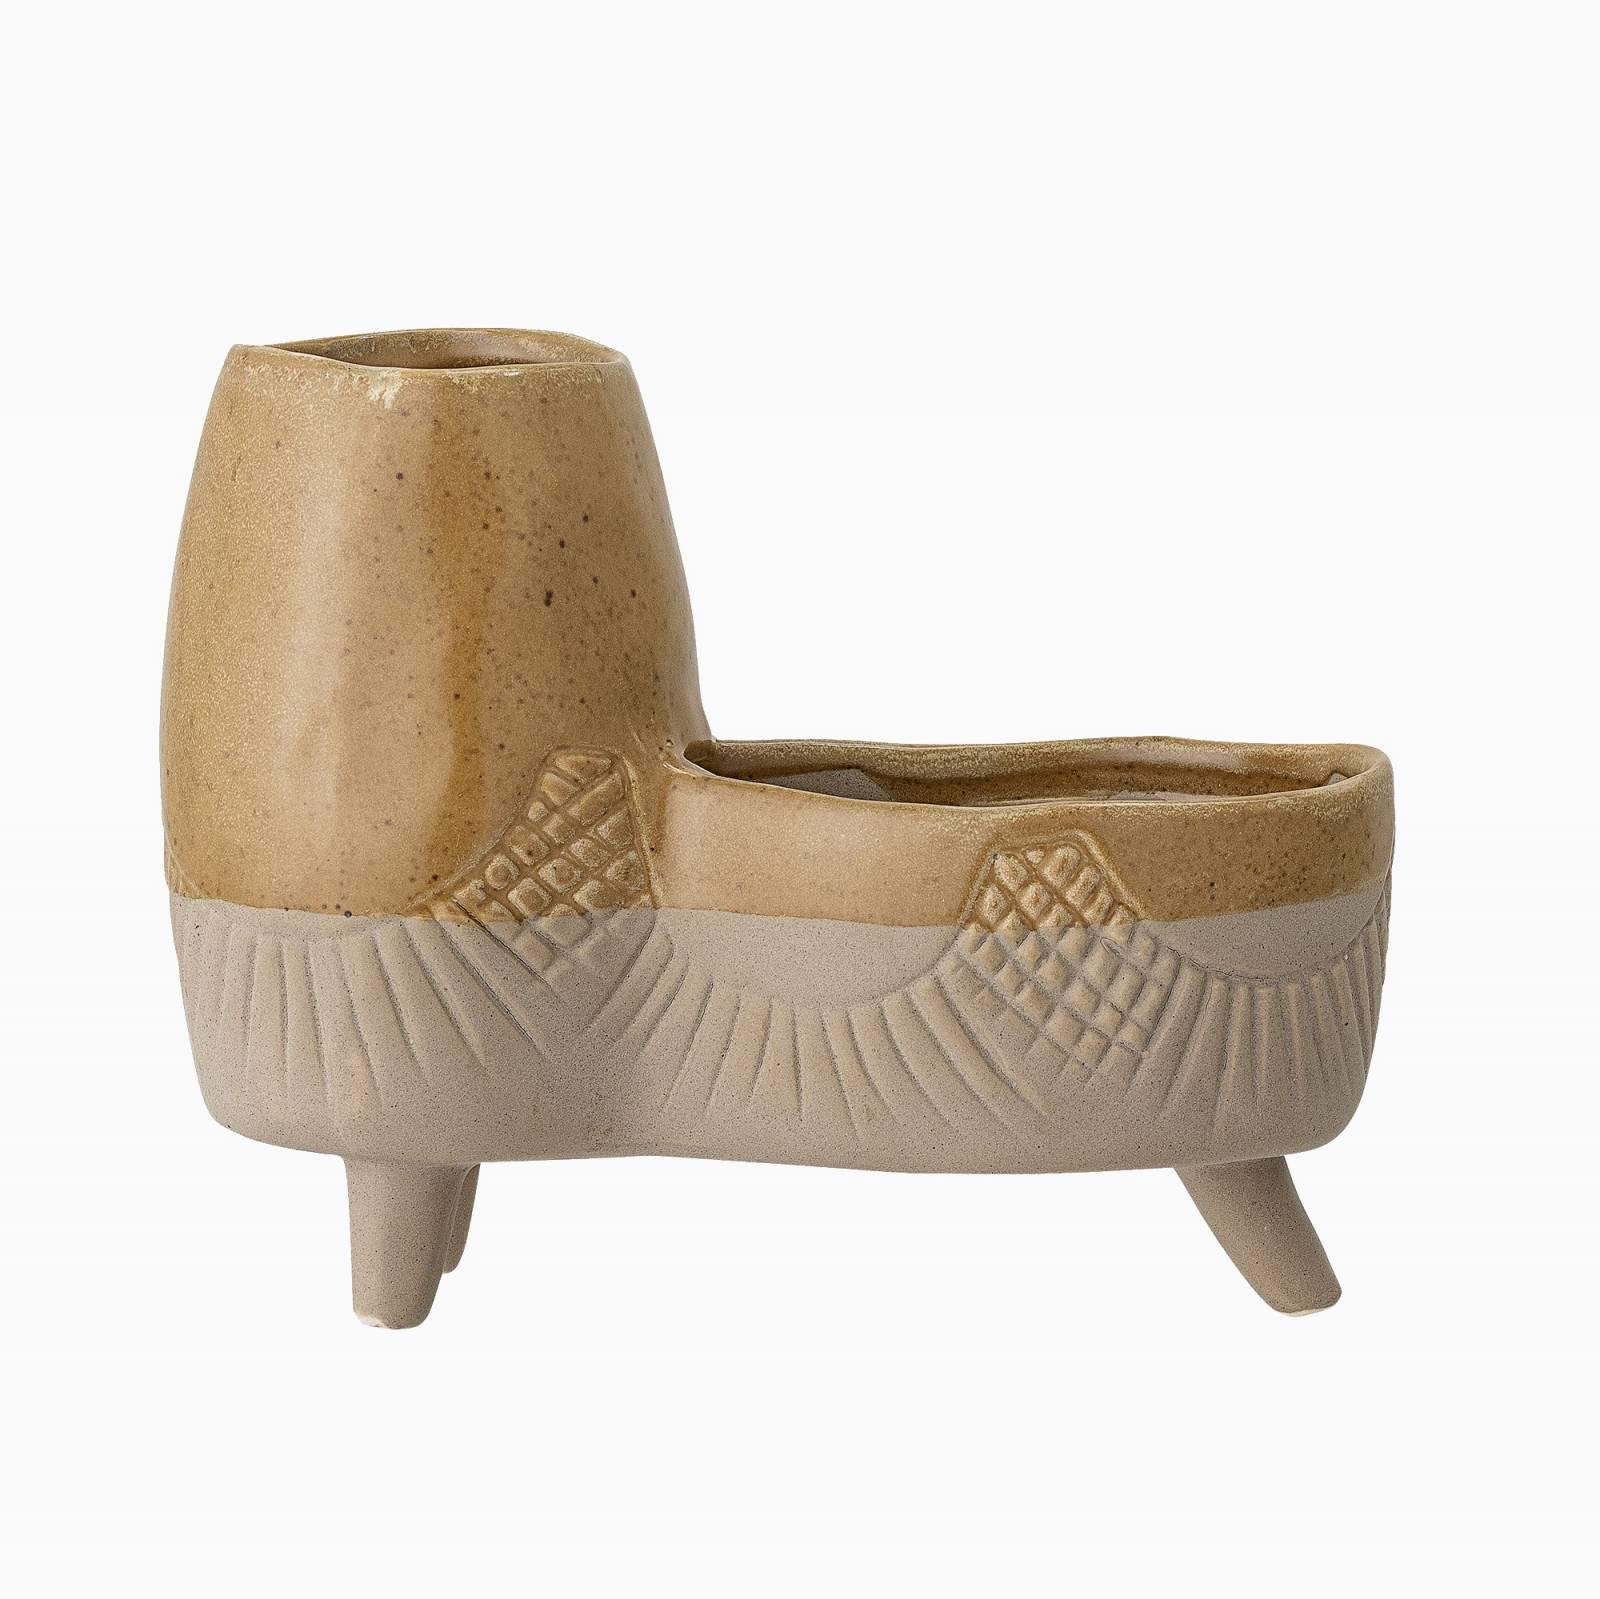 Double Two Tone Stoneware Yellow Flower Pot On Legs